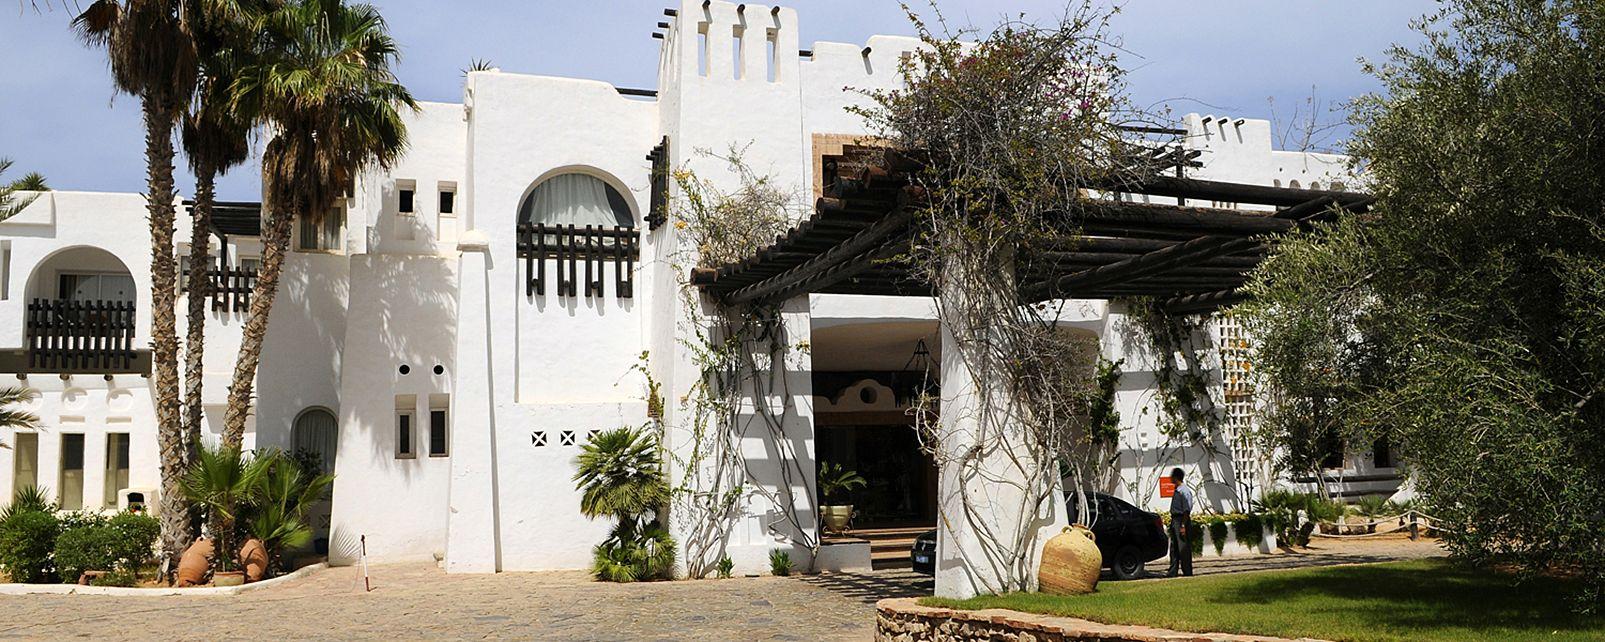 Hotel odyss e resort zarzis thalasso in for Hotels zarzis